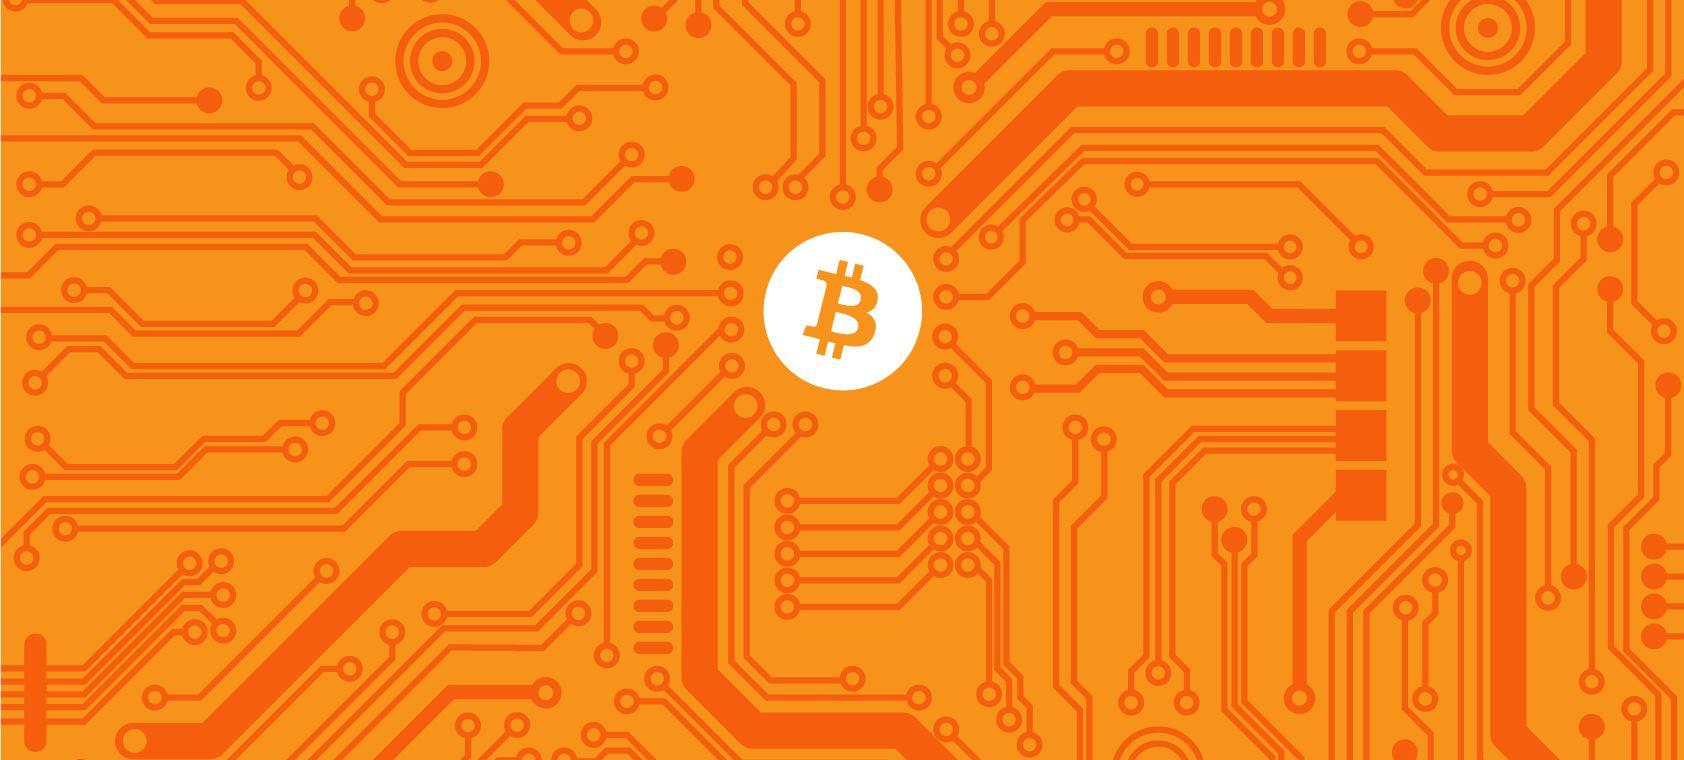 VIDEO: Kriptovalutama ove godine pala popularnost?